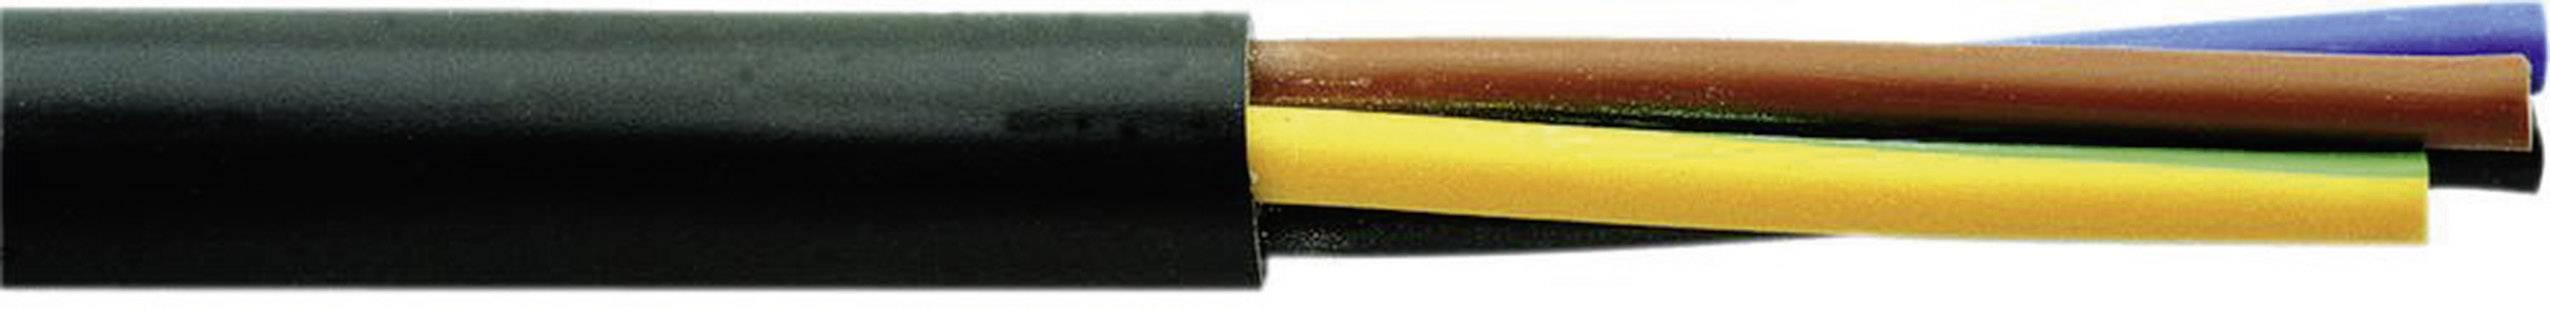 Vícežílový kabel Faber Kabel H05RR-F, 050025, 3 G 1.50 mm², černá, metrové zboží